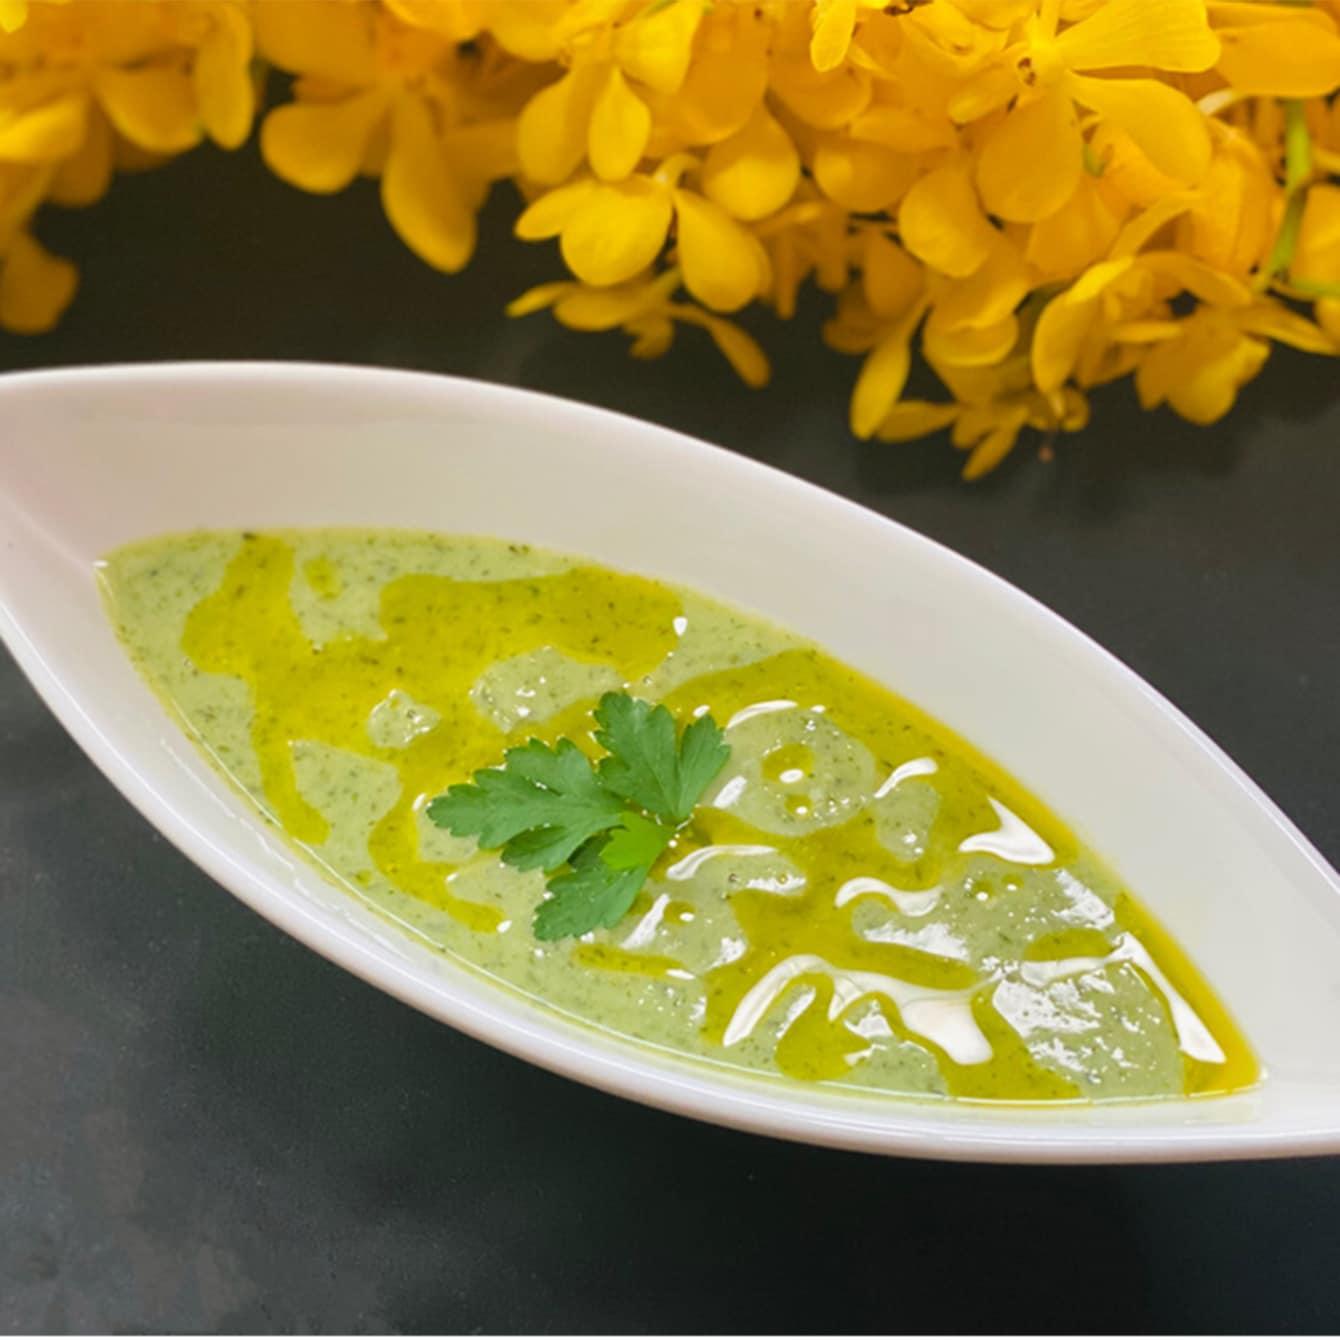 【美味しいヴィーガン料理】ブロッコリーとオリーブオイルのスープ